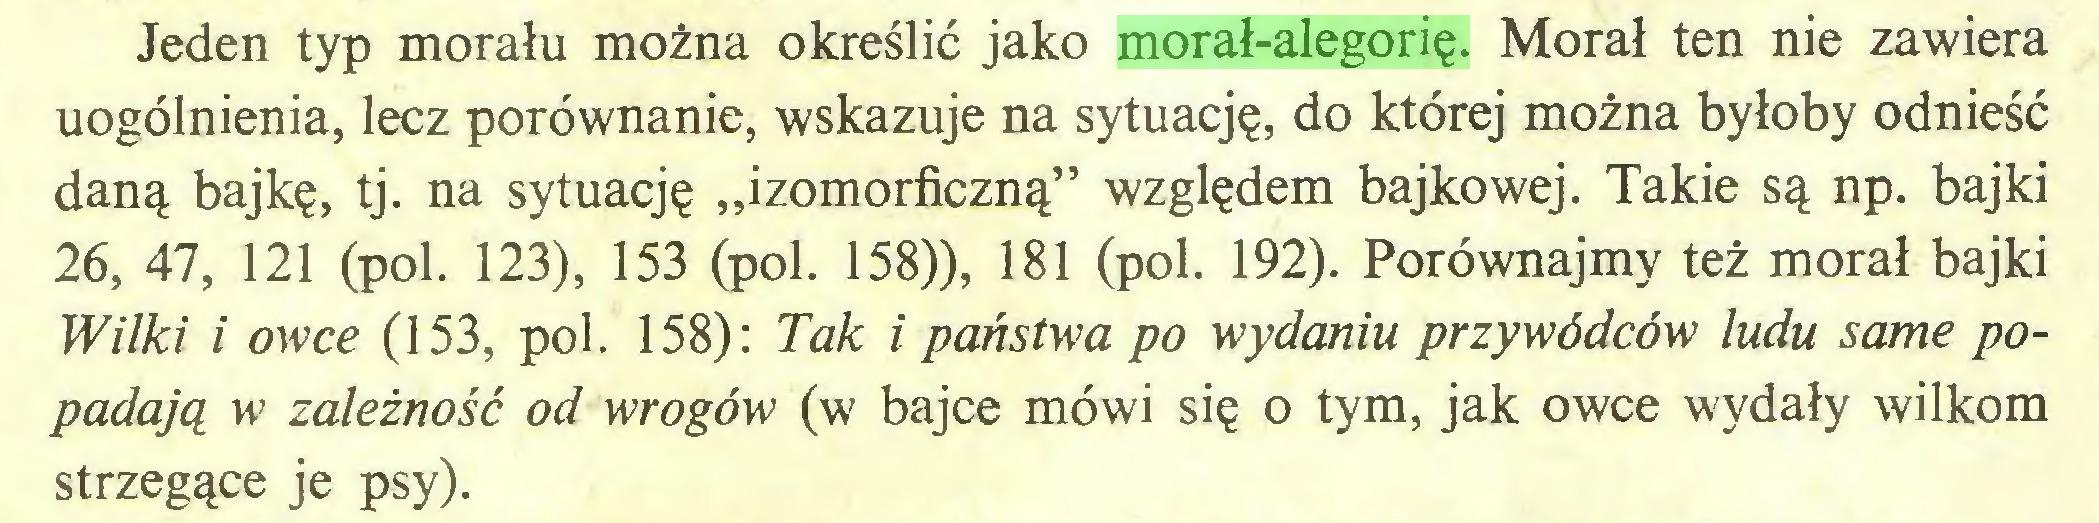 """(...) Jeden typ morału można określić jako morał-alegorię. Morał ten nie zawiera uogólnienia, lecz porównanie, wskazuje na sytuację, do której można byłoby odnieść daną bajkę, tj. na sytuację """"izomorficzną"""" względem bajkowej. Takie są np. bajki 26, 47, 121 (poi. 123), 153 (poi. 158)), 181 (poi. 192). Porównajmy też morał bajki Wilki i owce (153, poi. 158): Tak i państwa po wydaniu przywódców ludu same popadają w zależność od wrogów (w bajce mówi się o tym, jak owce wydały wilkom strzegące je psy)..."""